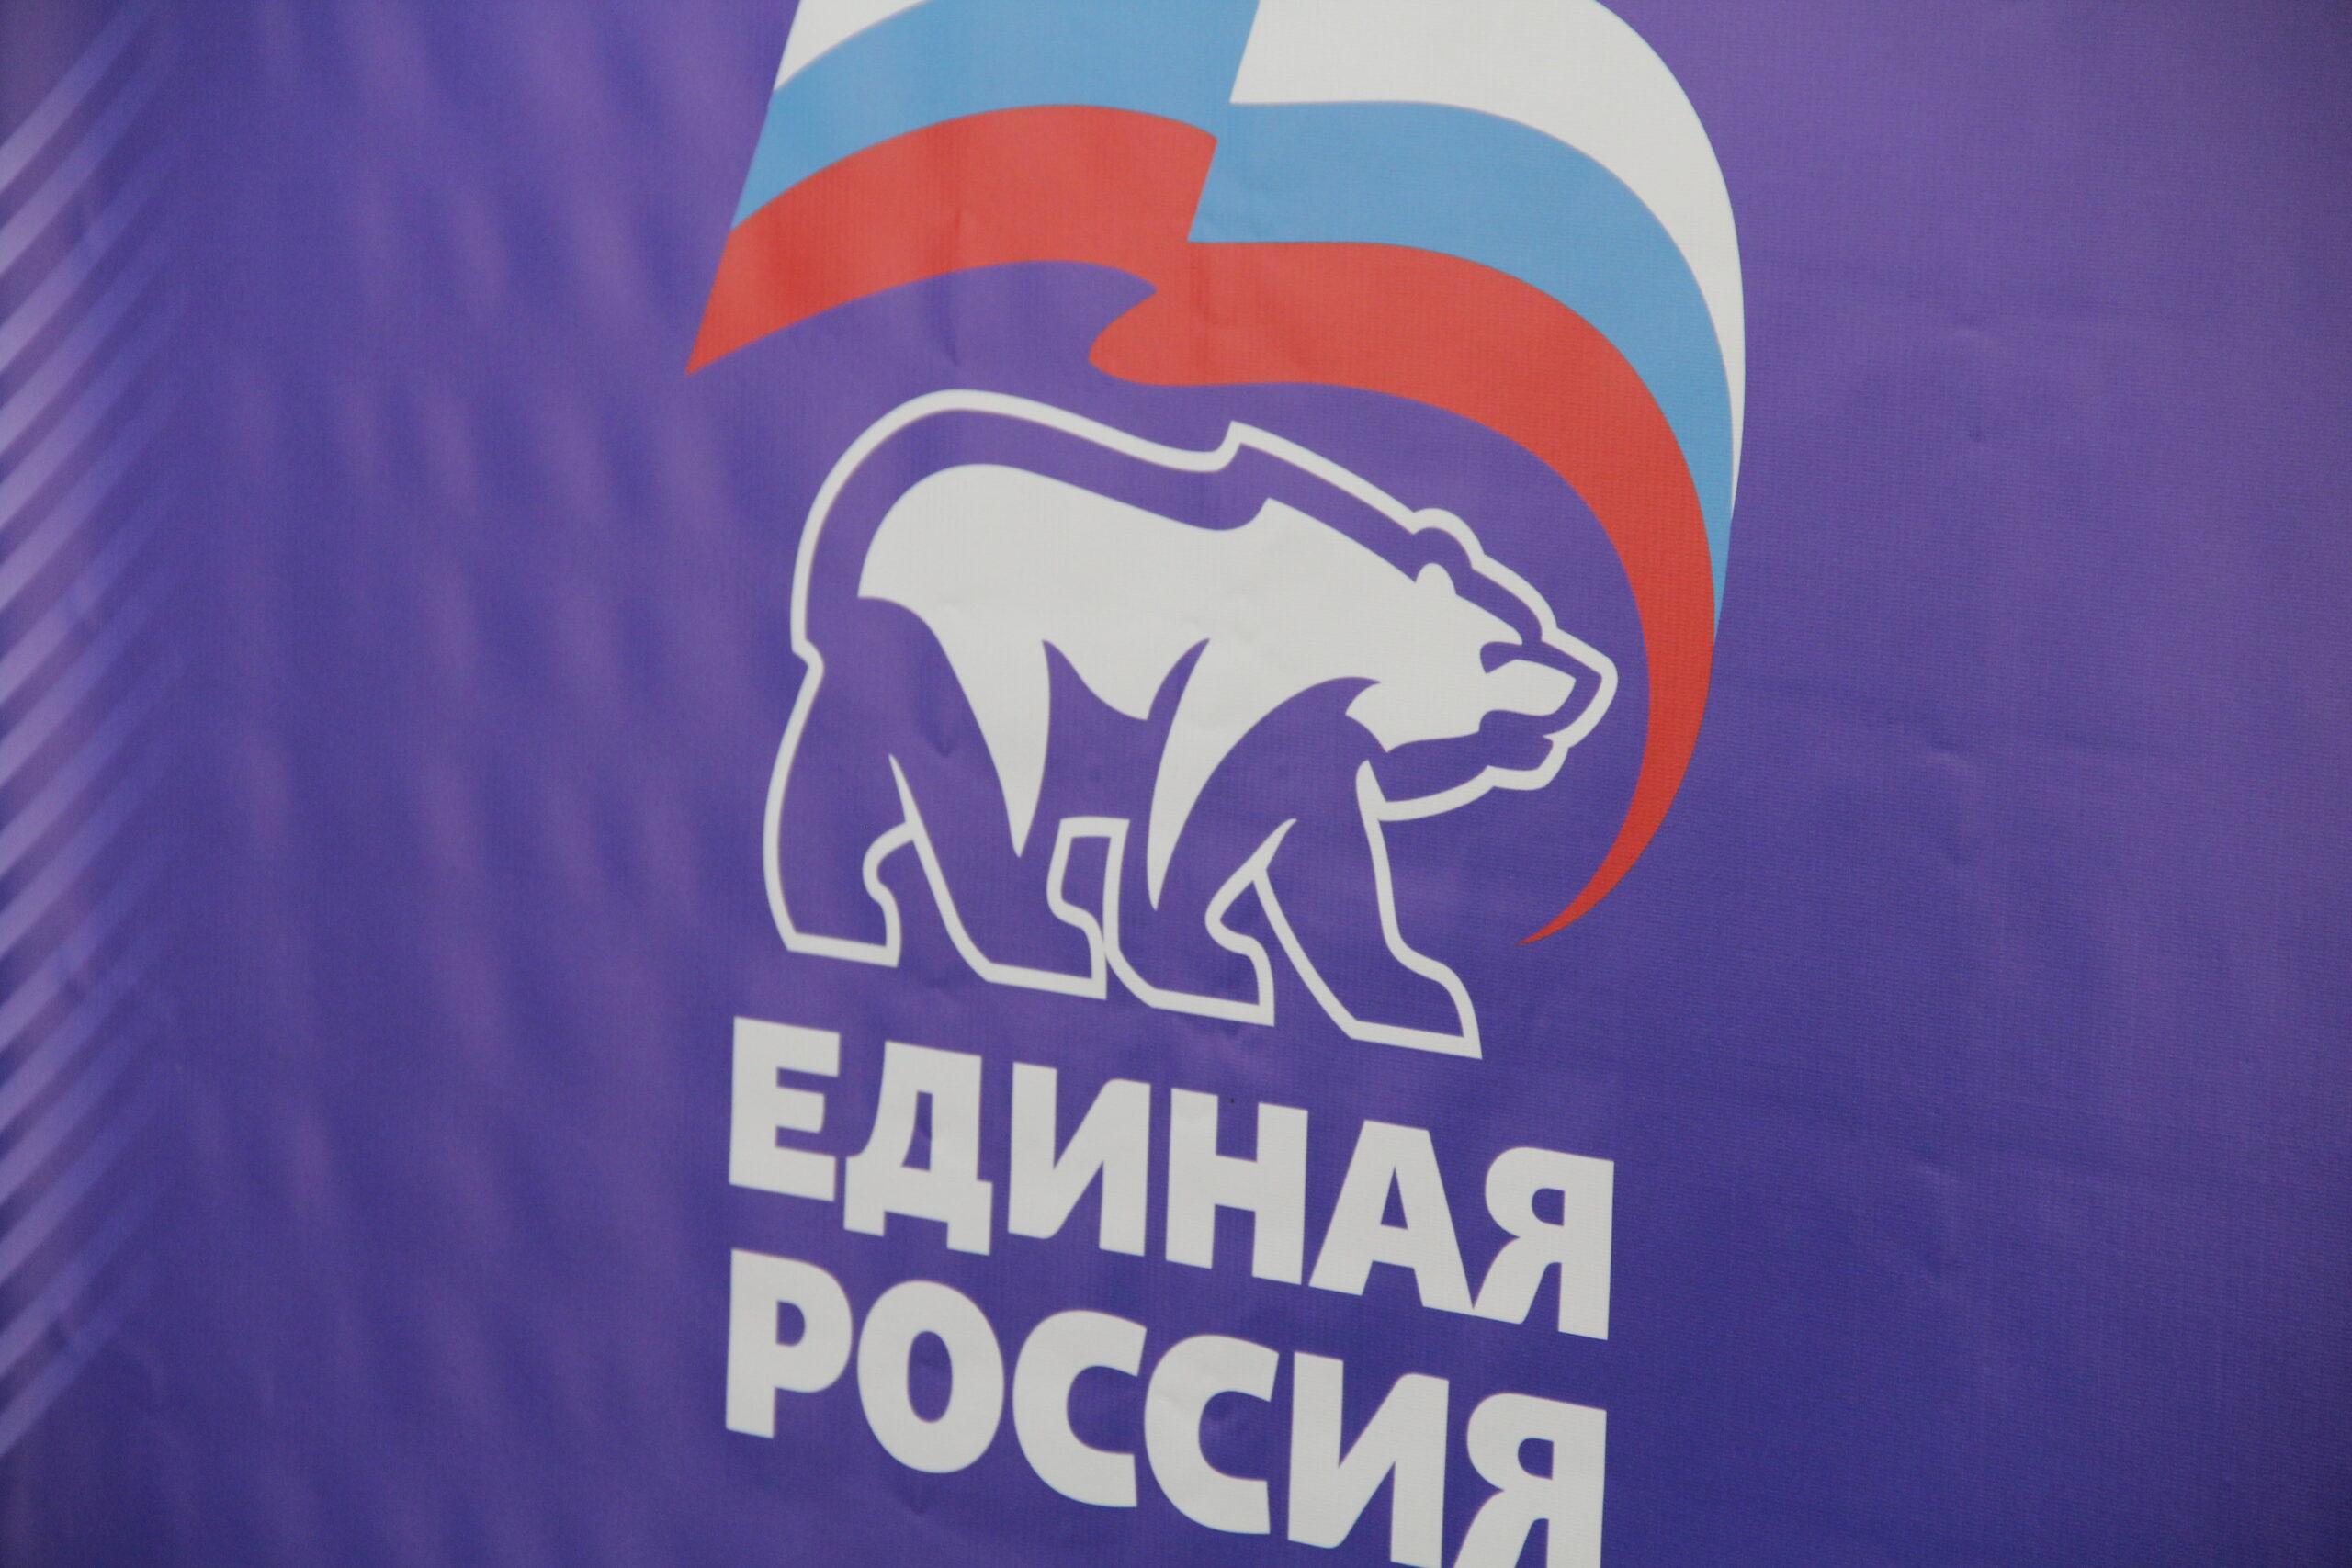 Сергей Аксенов: «Исходя из темпов выдвижения, прогнозируем не менее 120 кандидатов предварительного голосования»